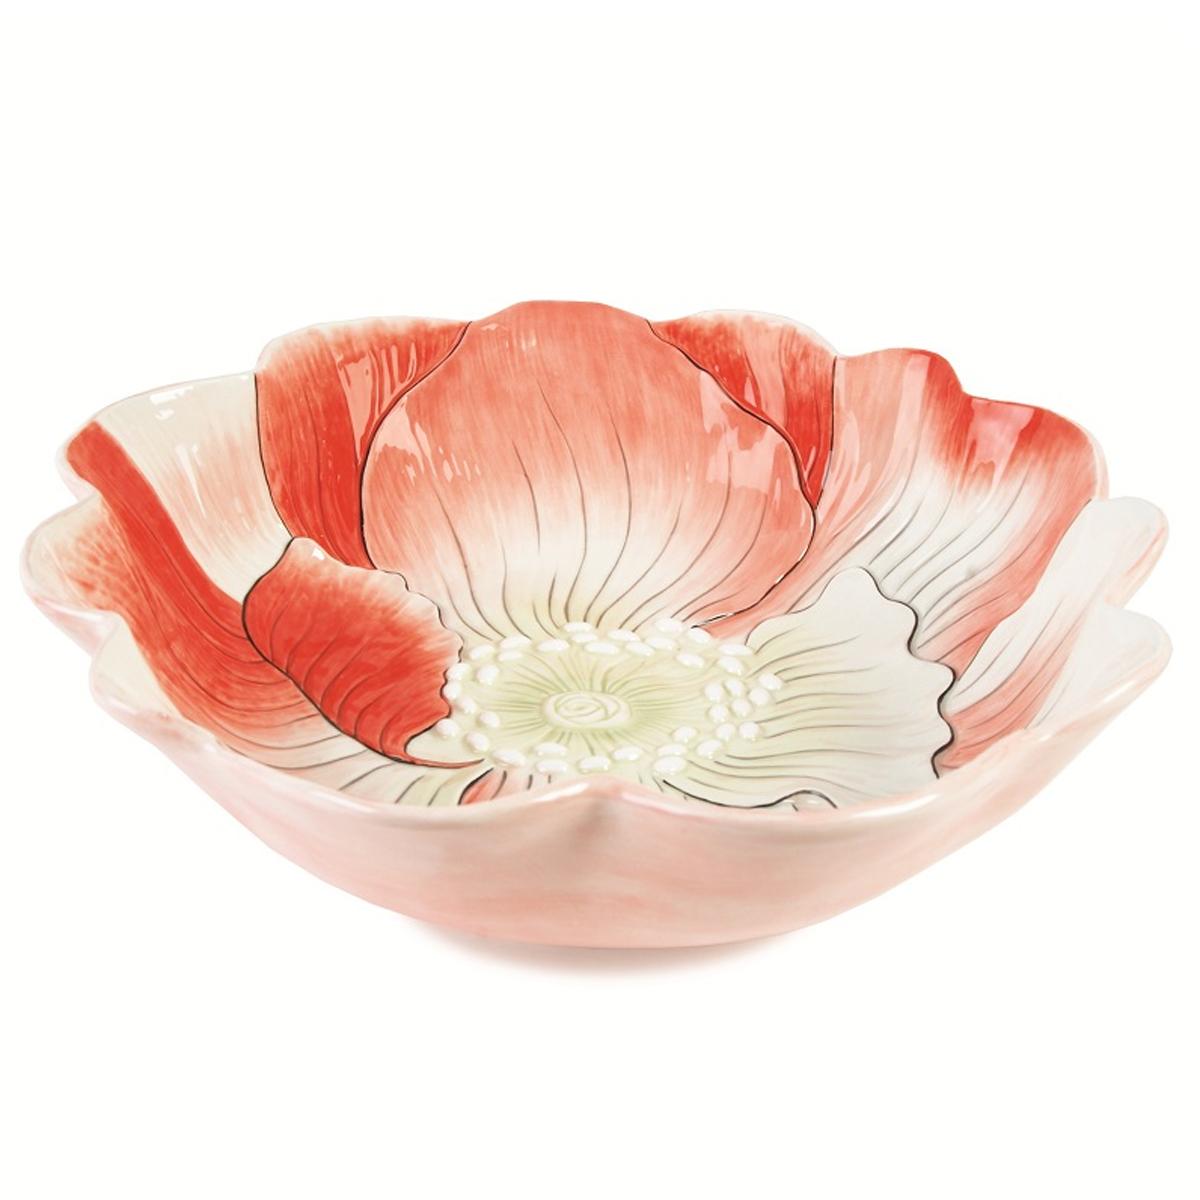 Блюдо Fitz and Floyd Гортензия, диаметр 39 см20-319Блюдо Fitz and Floyd Гортензия изготовлено из высококачественной керамики и выполнено в виде цветка. Такое оригинальное блюдо идеально подойдет для красивой сервировки стола. Рекомендуется мыть вручную с использованием неабразивных моющих средств. Размер блюда: 39 см х 39 см х 10,5 см.